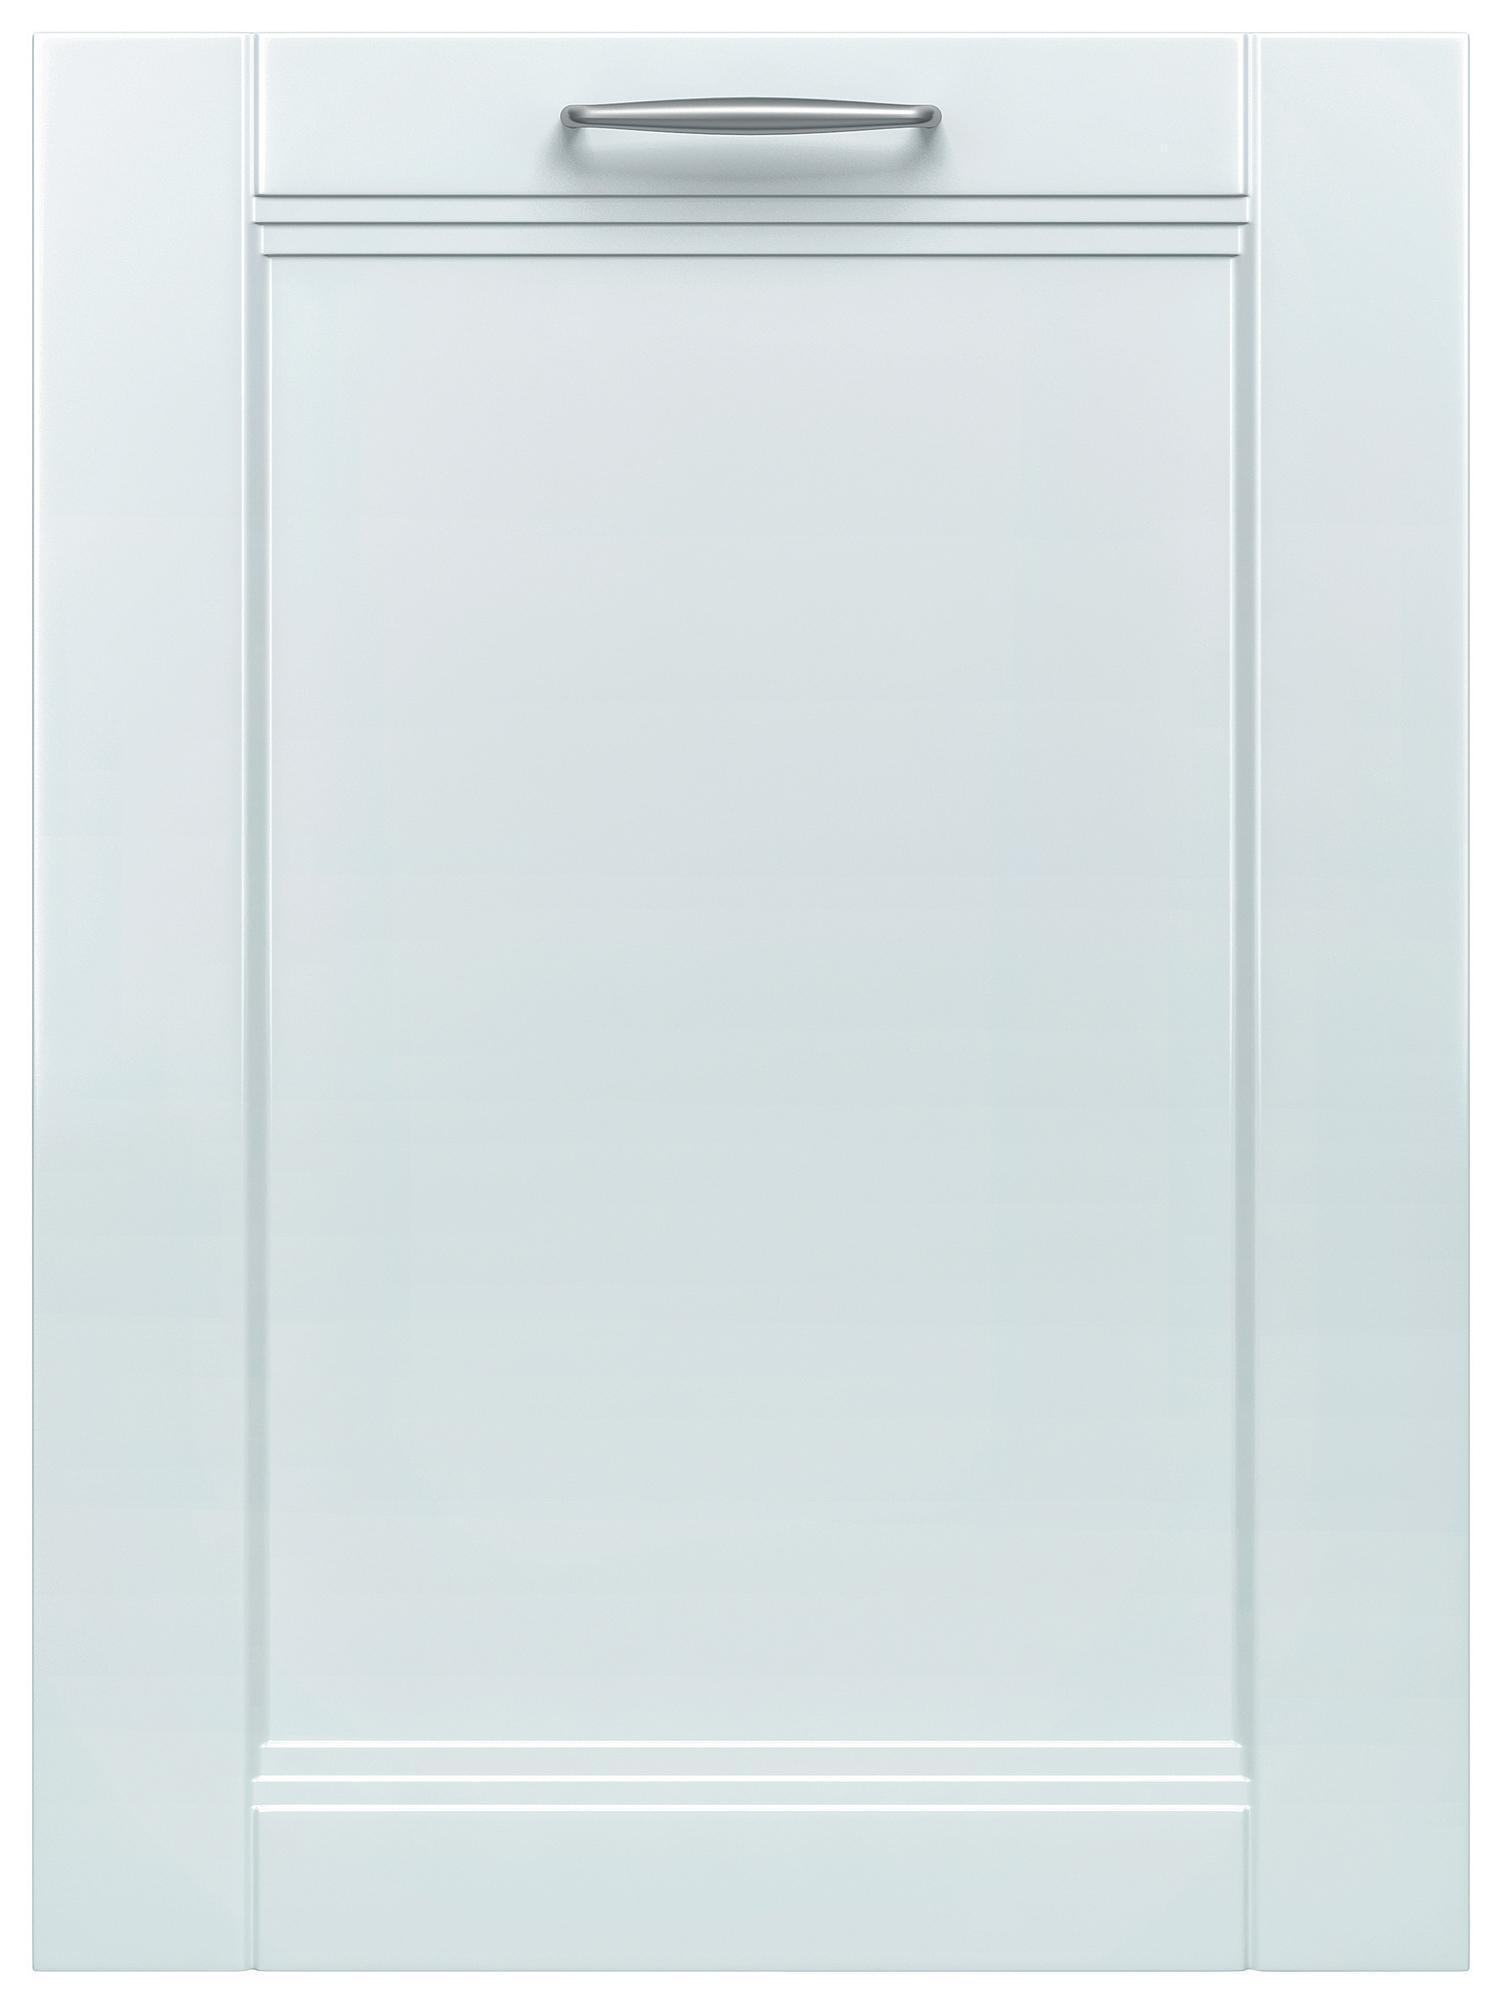 """Bosch Dishwashers 24"""" Built-In Dishwasher - Item Number: SHV9PT53UC"""